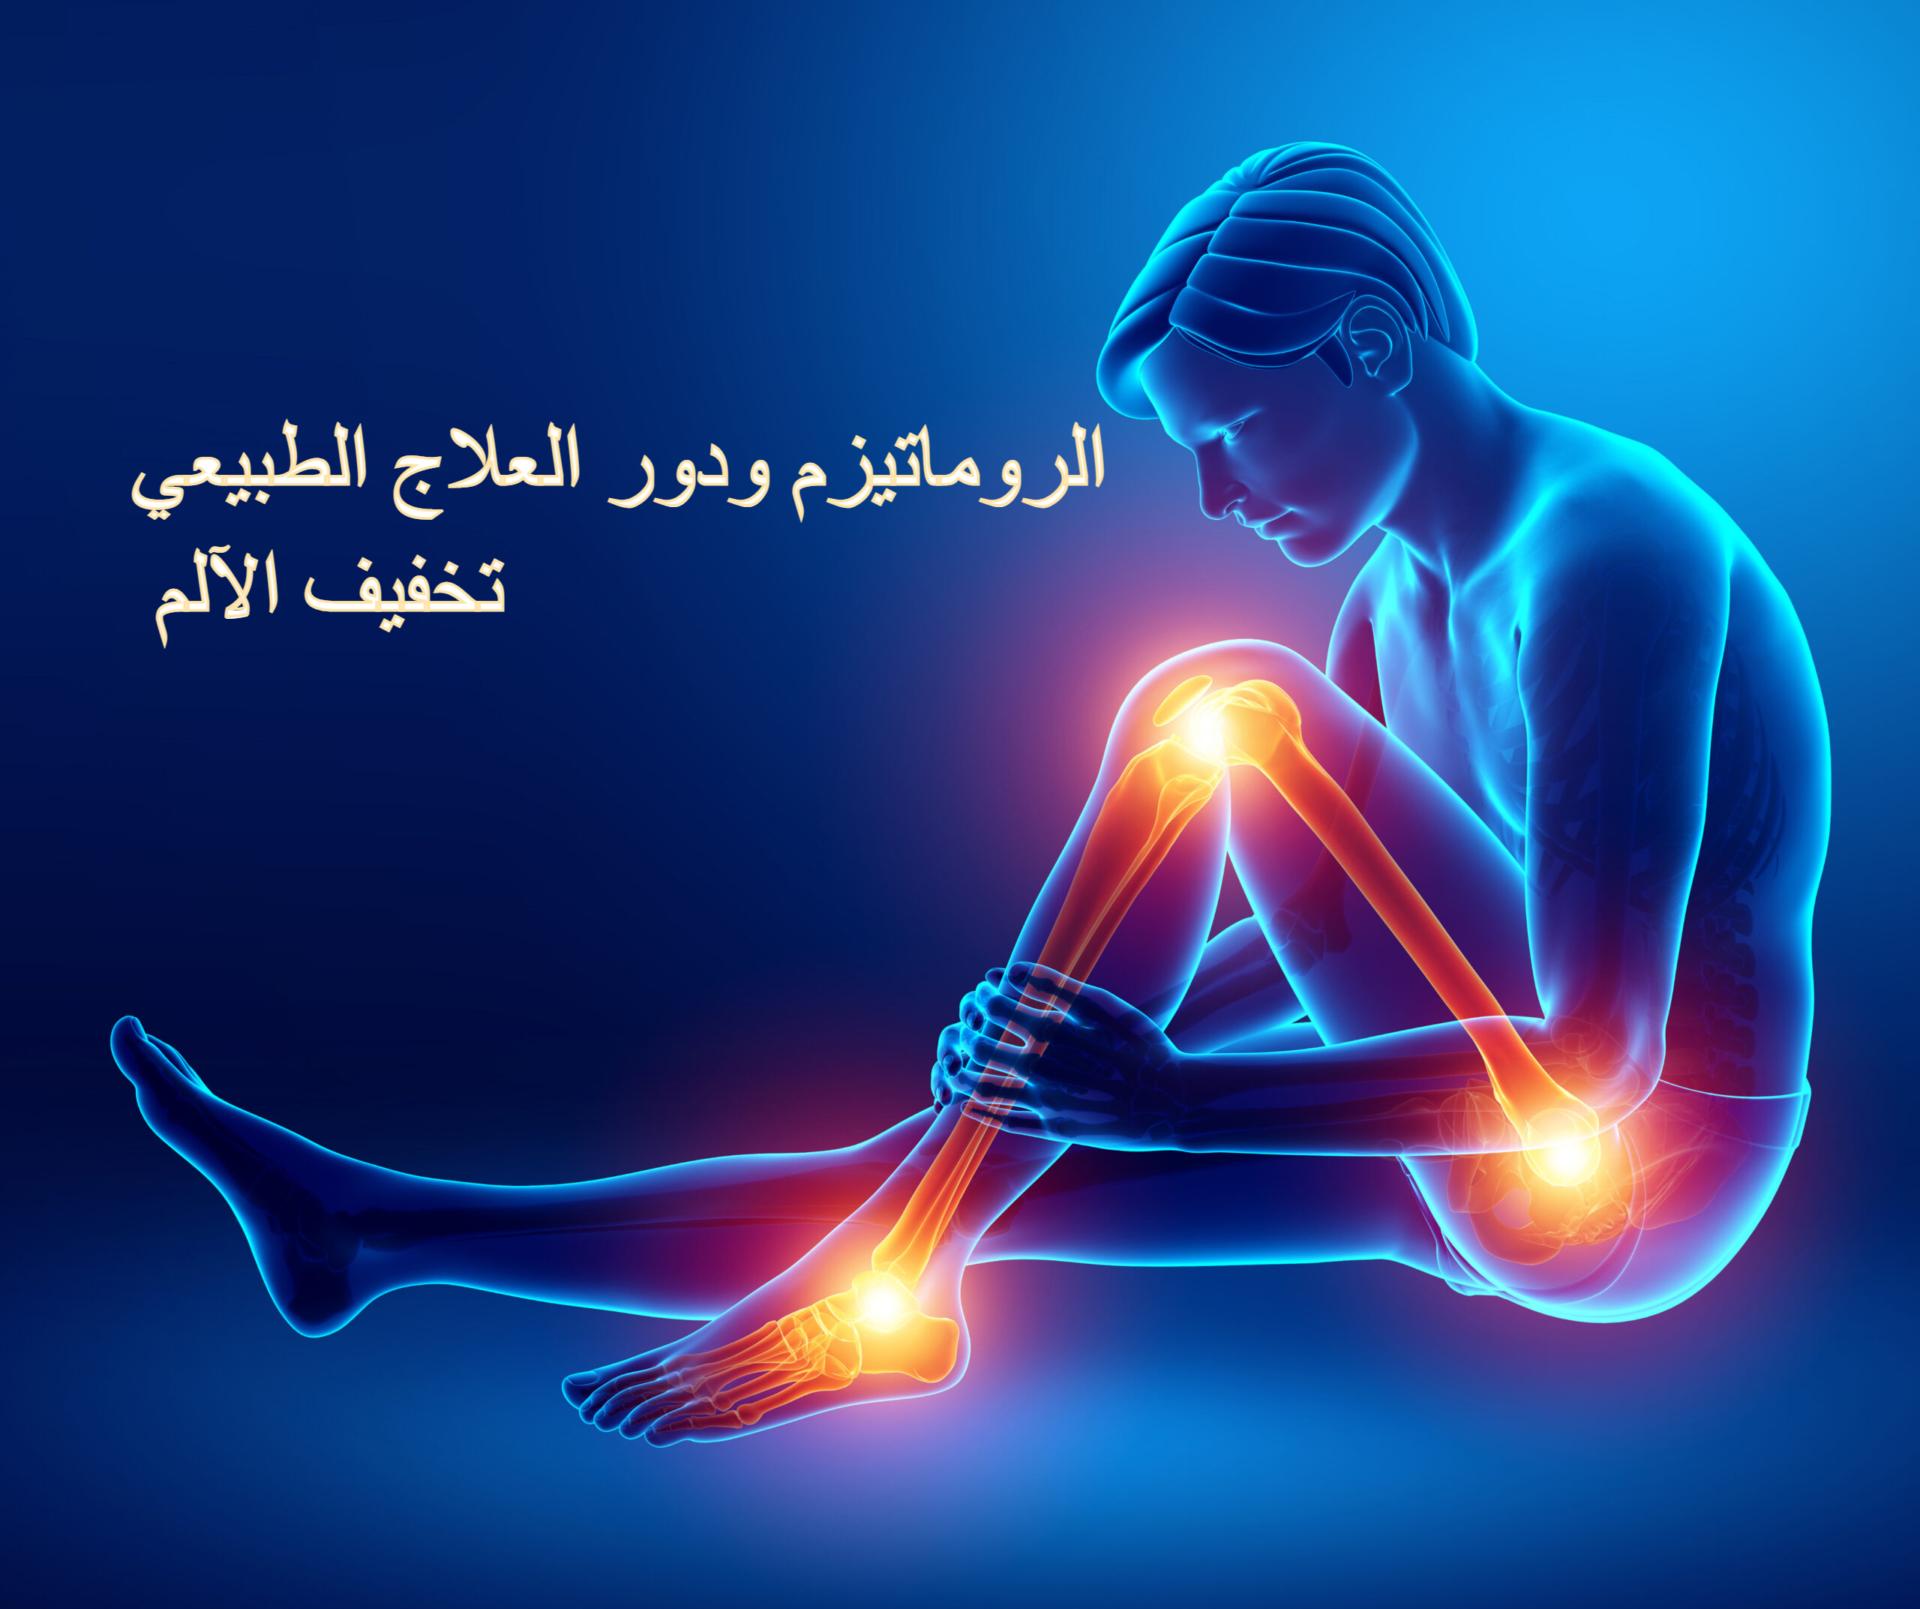 الروماتيزم ودور العلاج الطبيعي في تخفيف الآلم